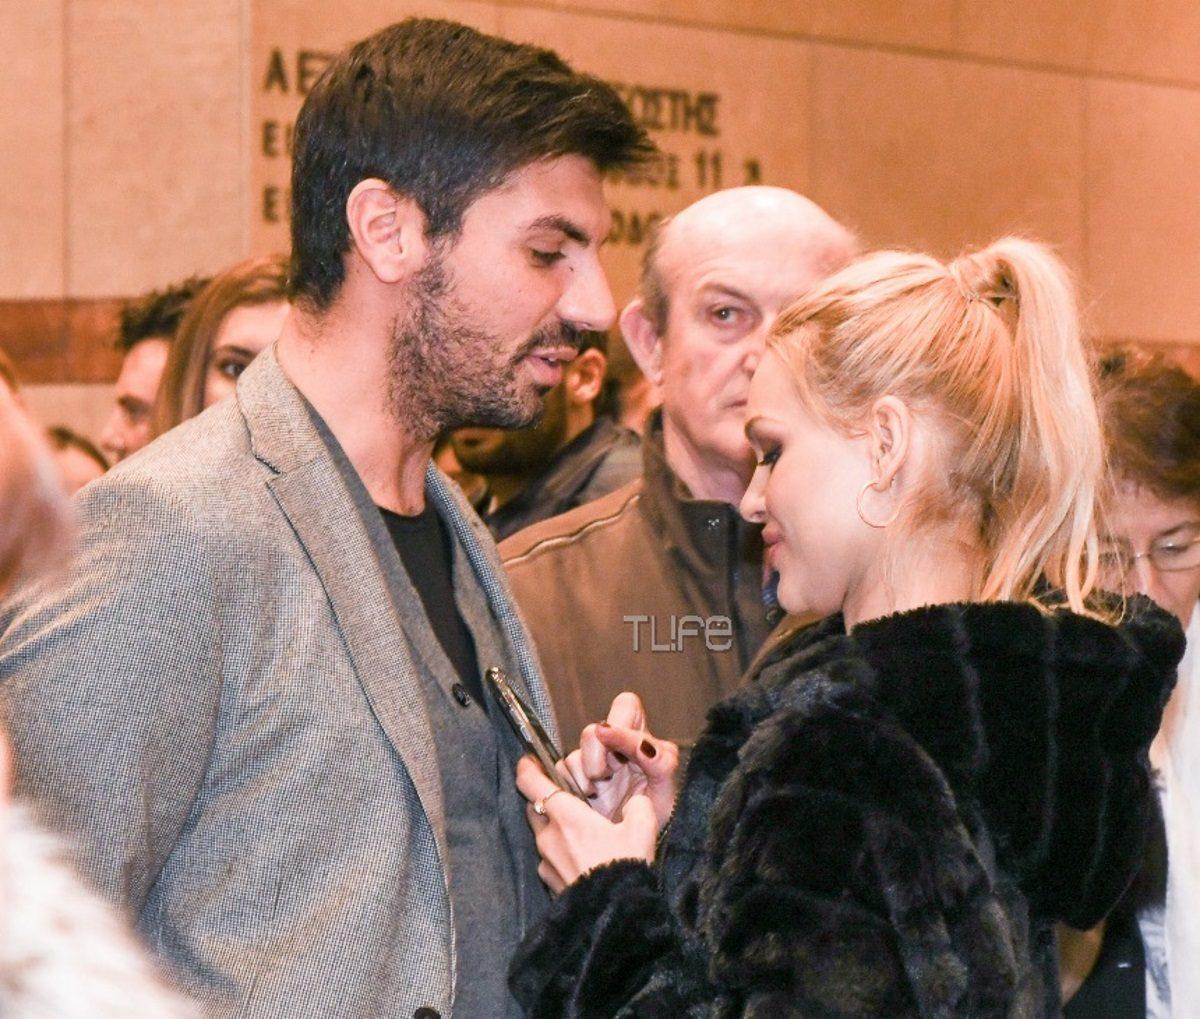 Βίκυ Κάβουρα – Γιώργος Βίγγος: Η νέα βραδινή έξοδος και τα λόγια αγάπης της ηθοποιού για τον σύντροφό της! [pics] | tlife.gr